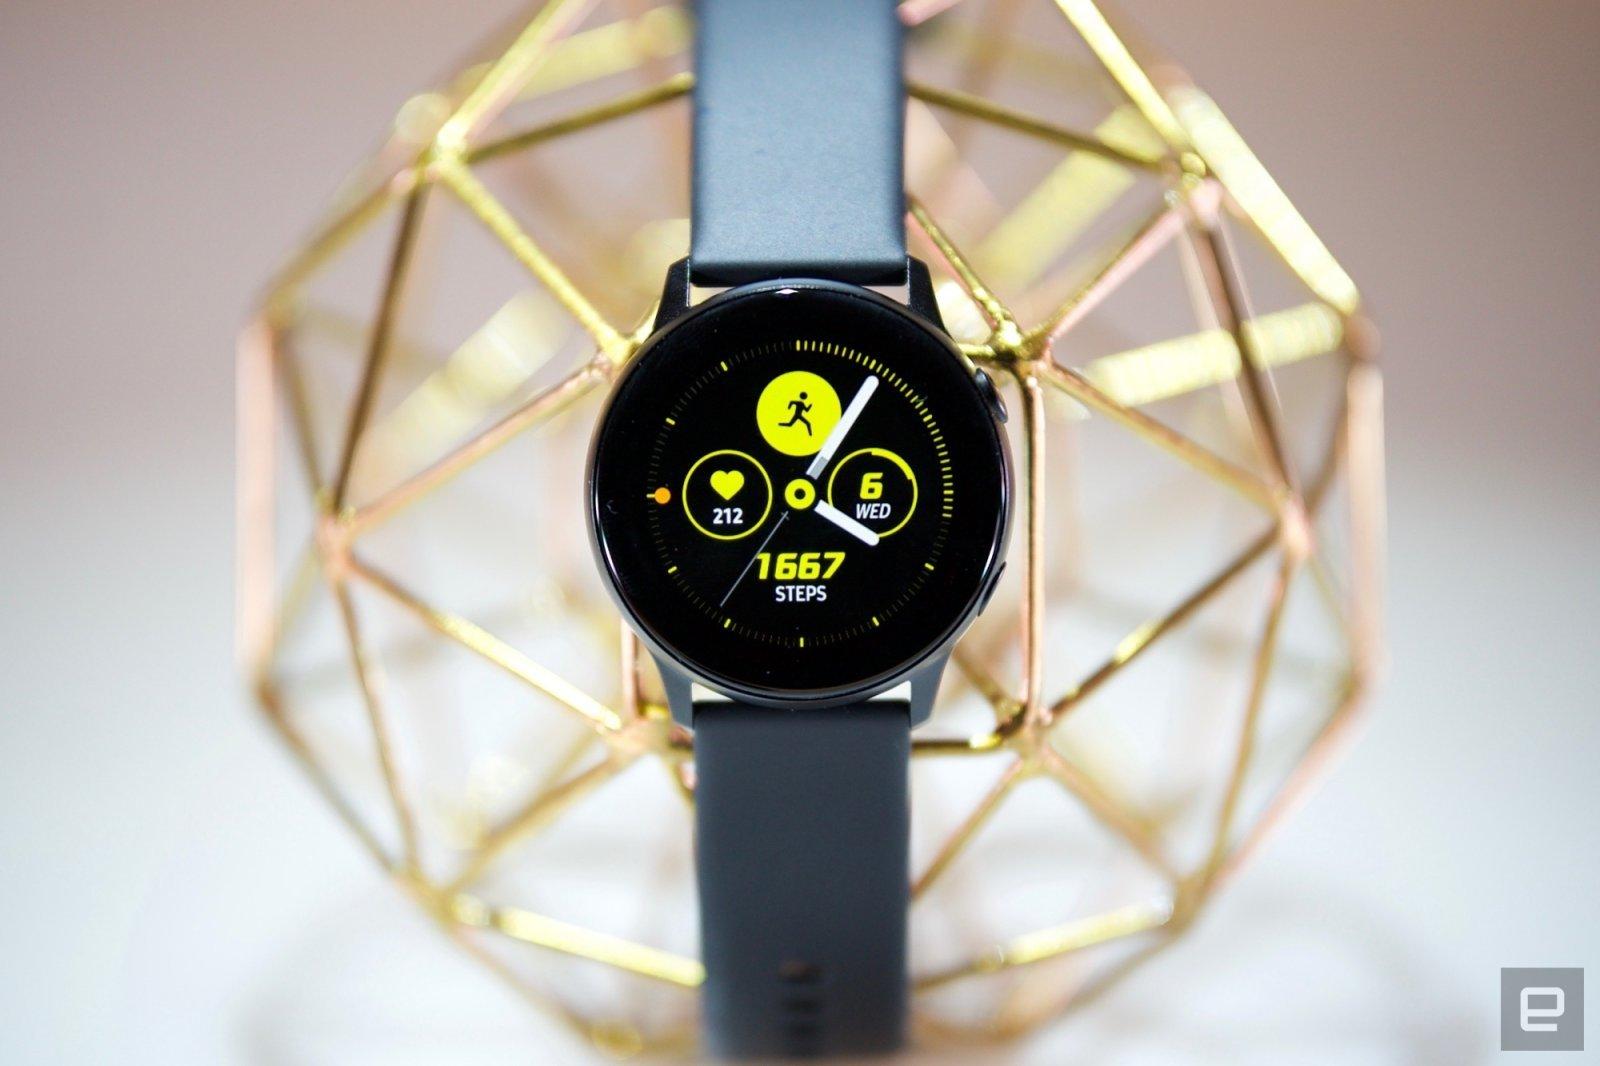 Smartwatch Samsung đời cũ sẽ có các tính năng mới của Galaxy Watch Active